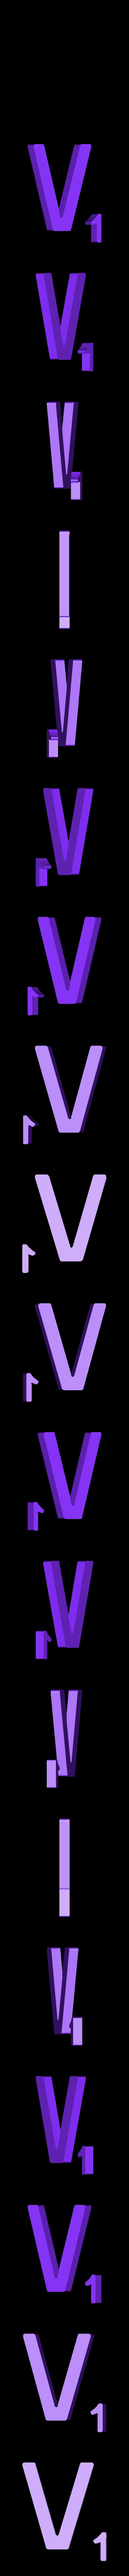 Dual_Letter_V.STL Télécharger fichier STL gratuit Pièces et support SCRABBBLE • Design pour imprimante 3D, Balkhagal4D